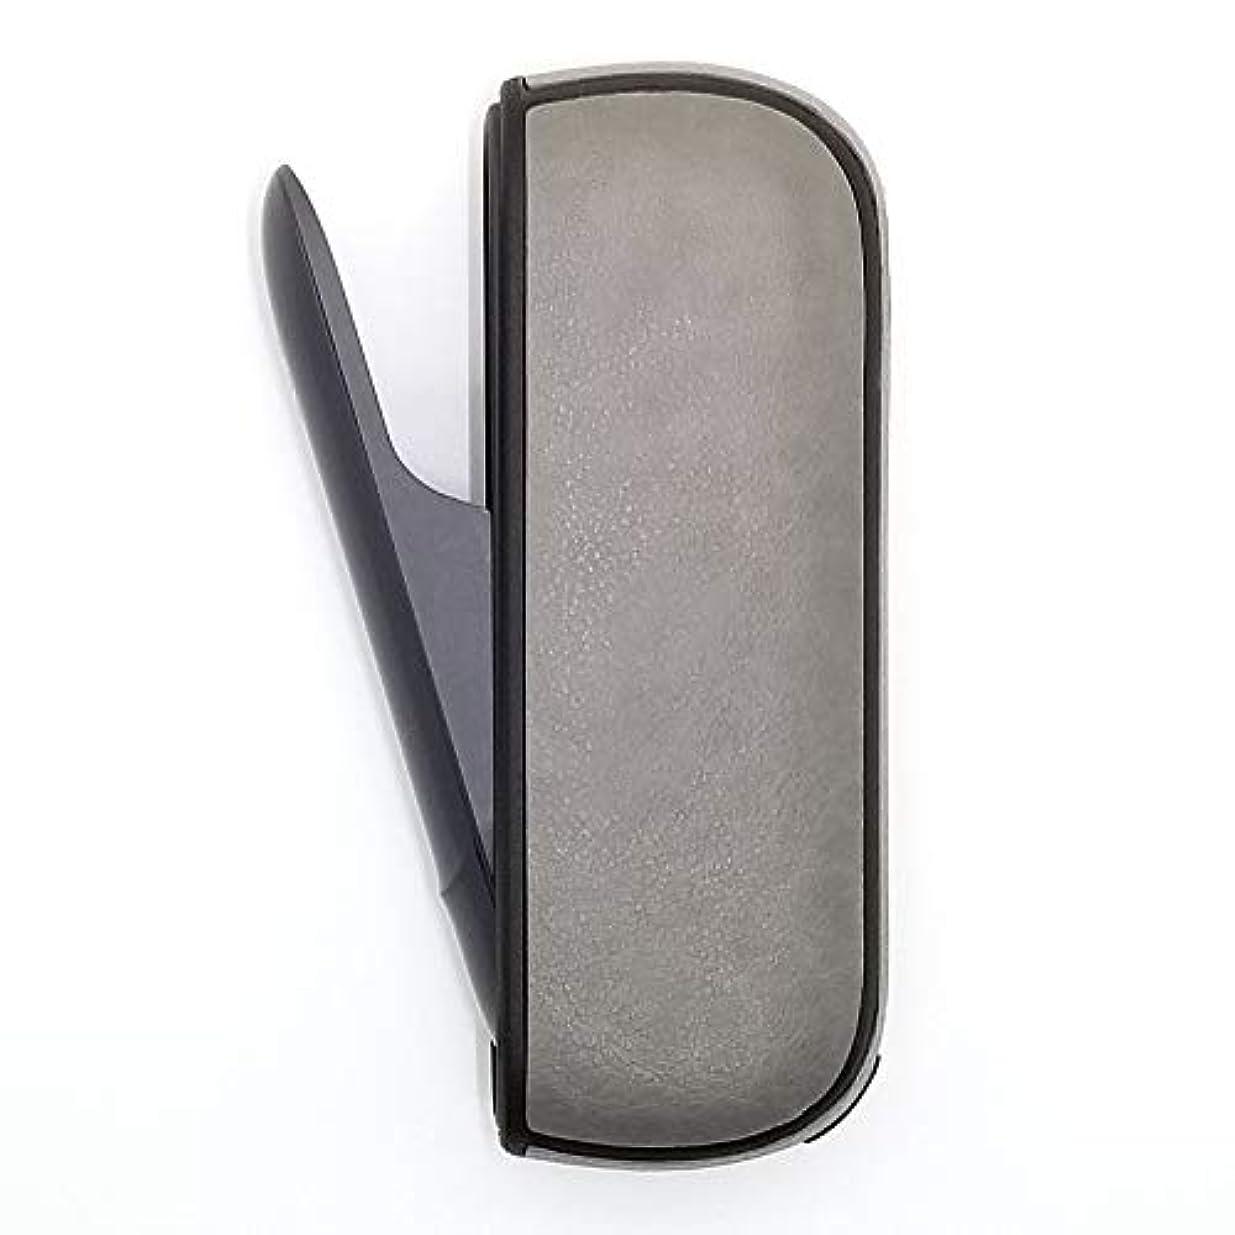 遊び場悪魔カフェIQOS3 レザー調カバー PU製アイコス3保護ケース (グレー)